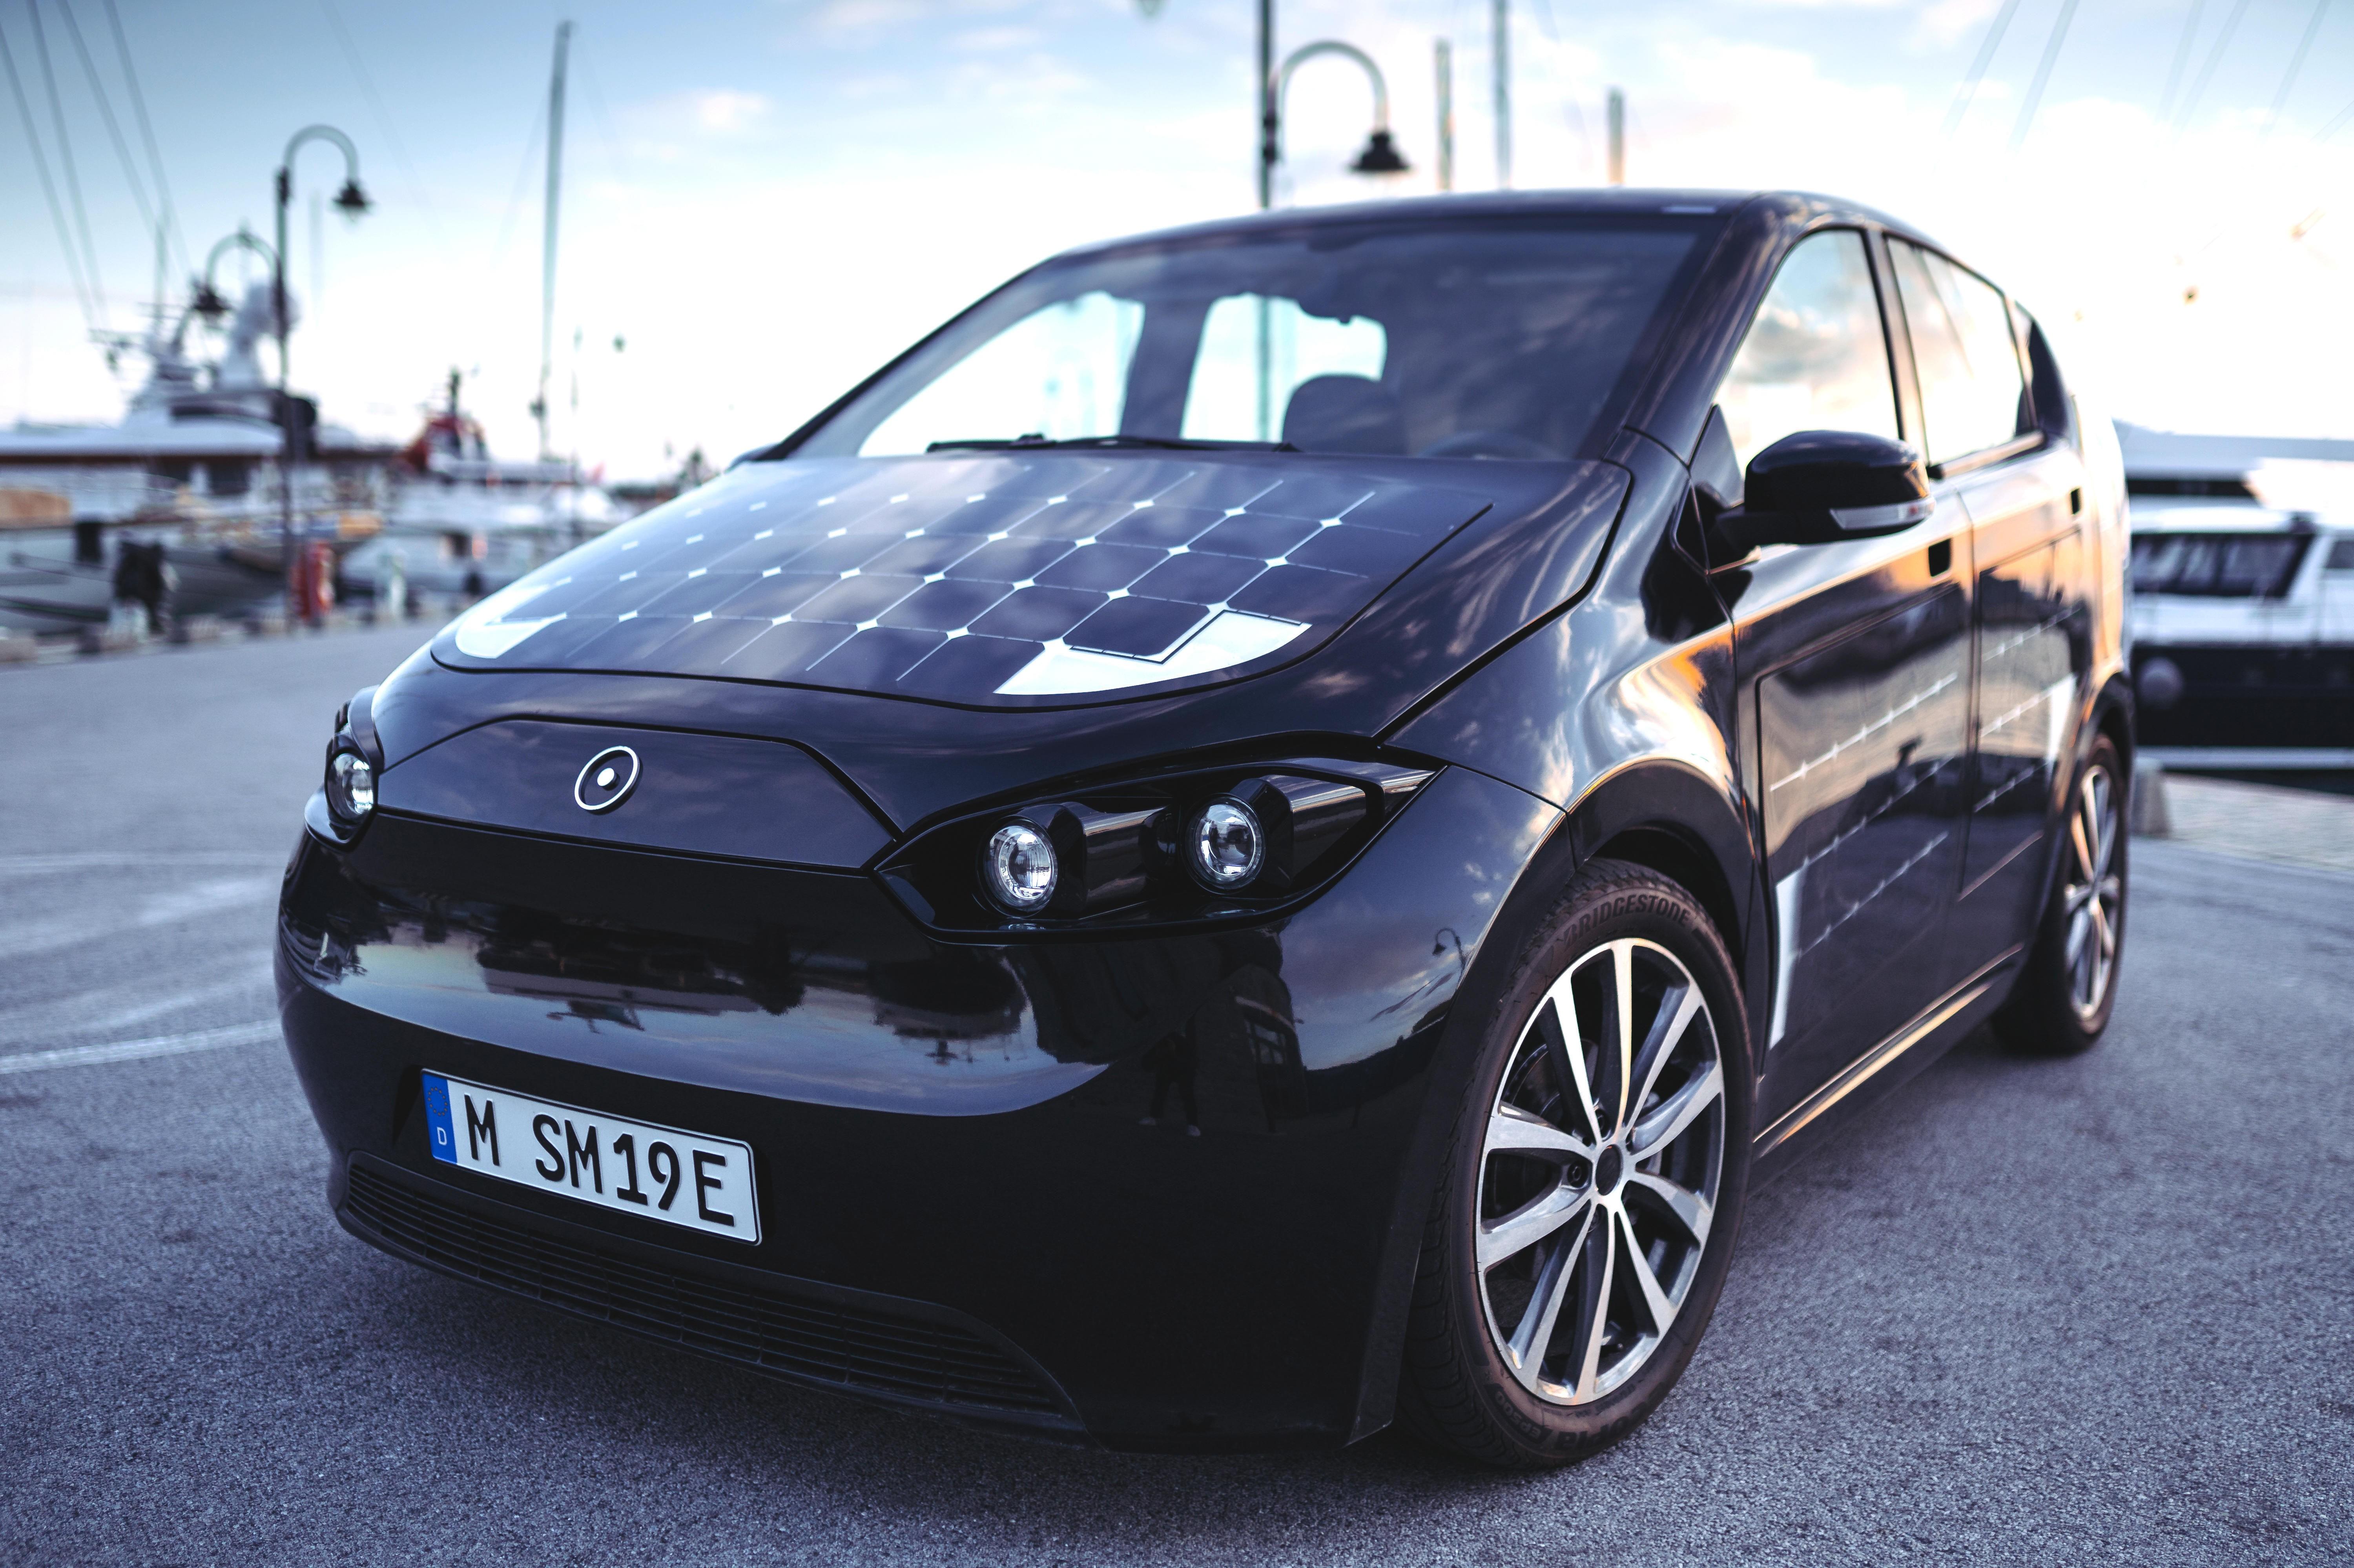 SONO SION: Den tyske bilprodusenten Sono Motors har utviklet elbilen Sion, som i tillegg til et batteri på mellom 35 og 45 kWh er bilen dekket av 330 solpaneler som skal gi om lag 30 km med ekstra rekkevidde per dag - det holder til manges daglige småkjøring. Elbilen kan leveres i Norge og skal være på veien i 2019.